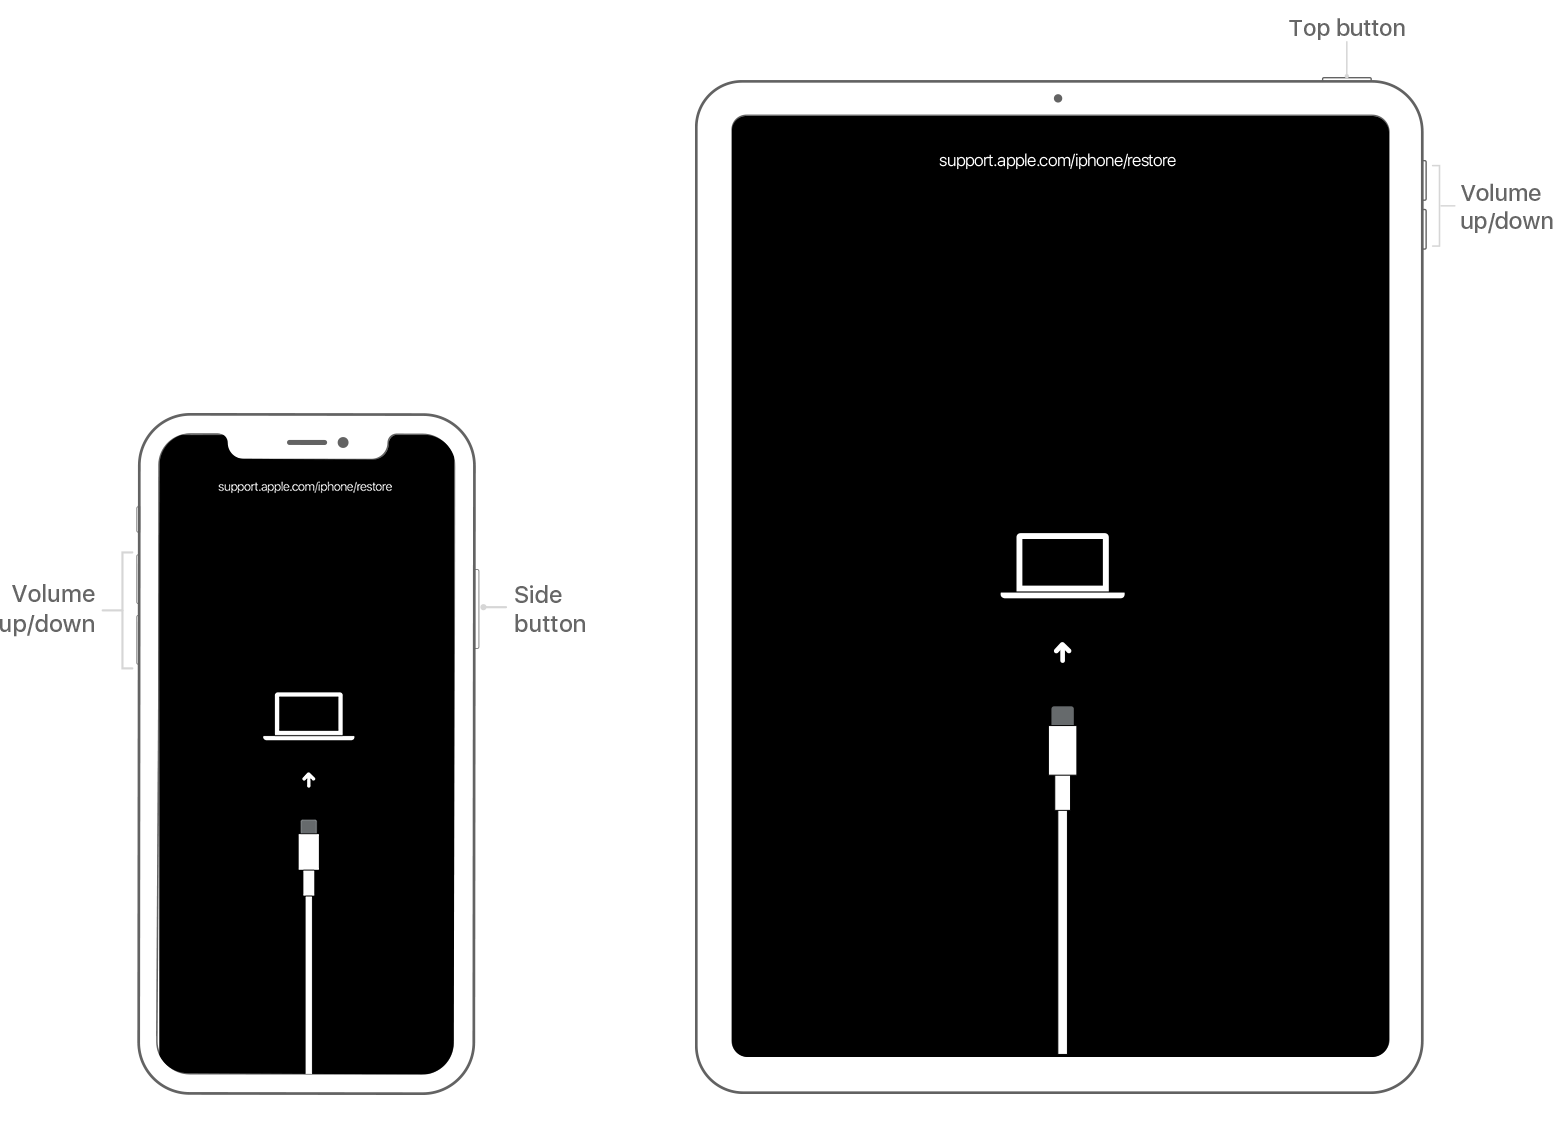 iPhone bị vô hiệu hóa kết nối iTunes: khắc phục thế nào? 1